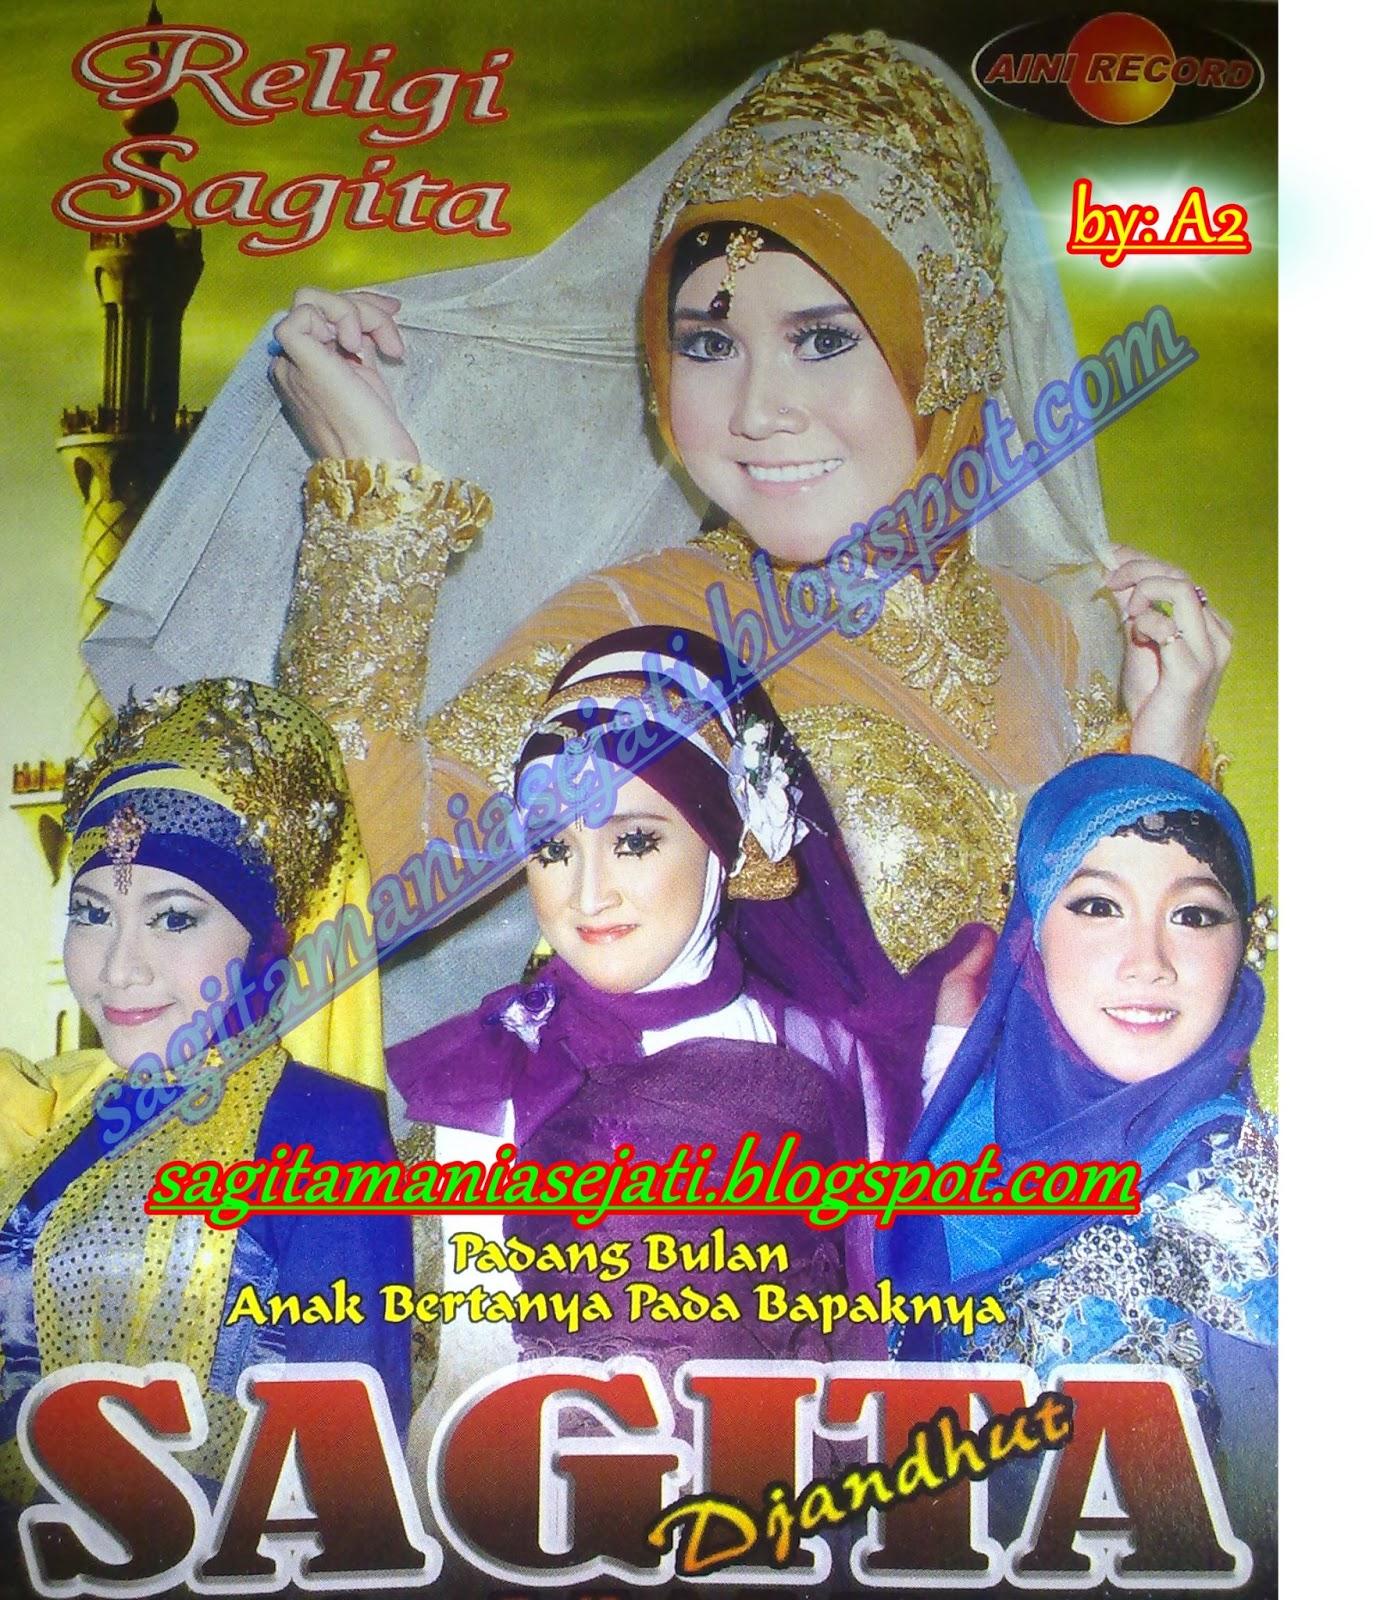 Download Lagu Dangdut Meraih Bintang: OM Sagita Religi Terbaru Agustus 2013